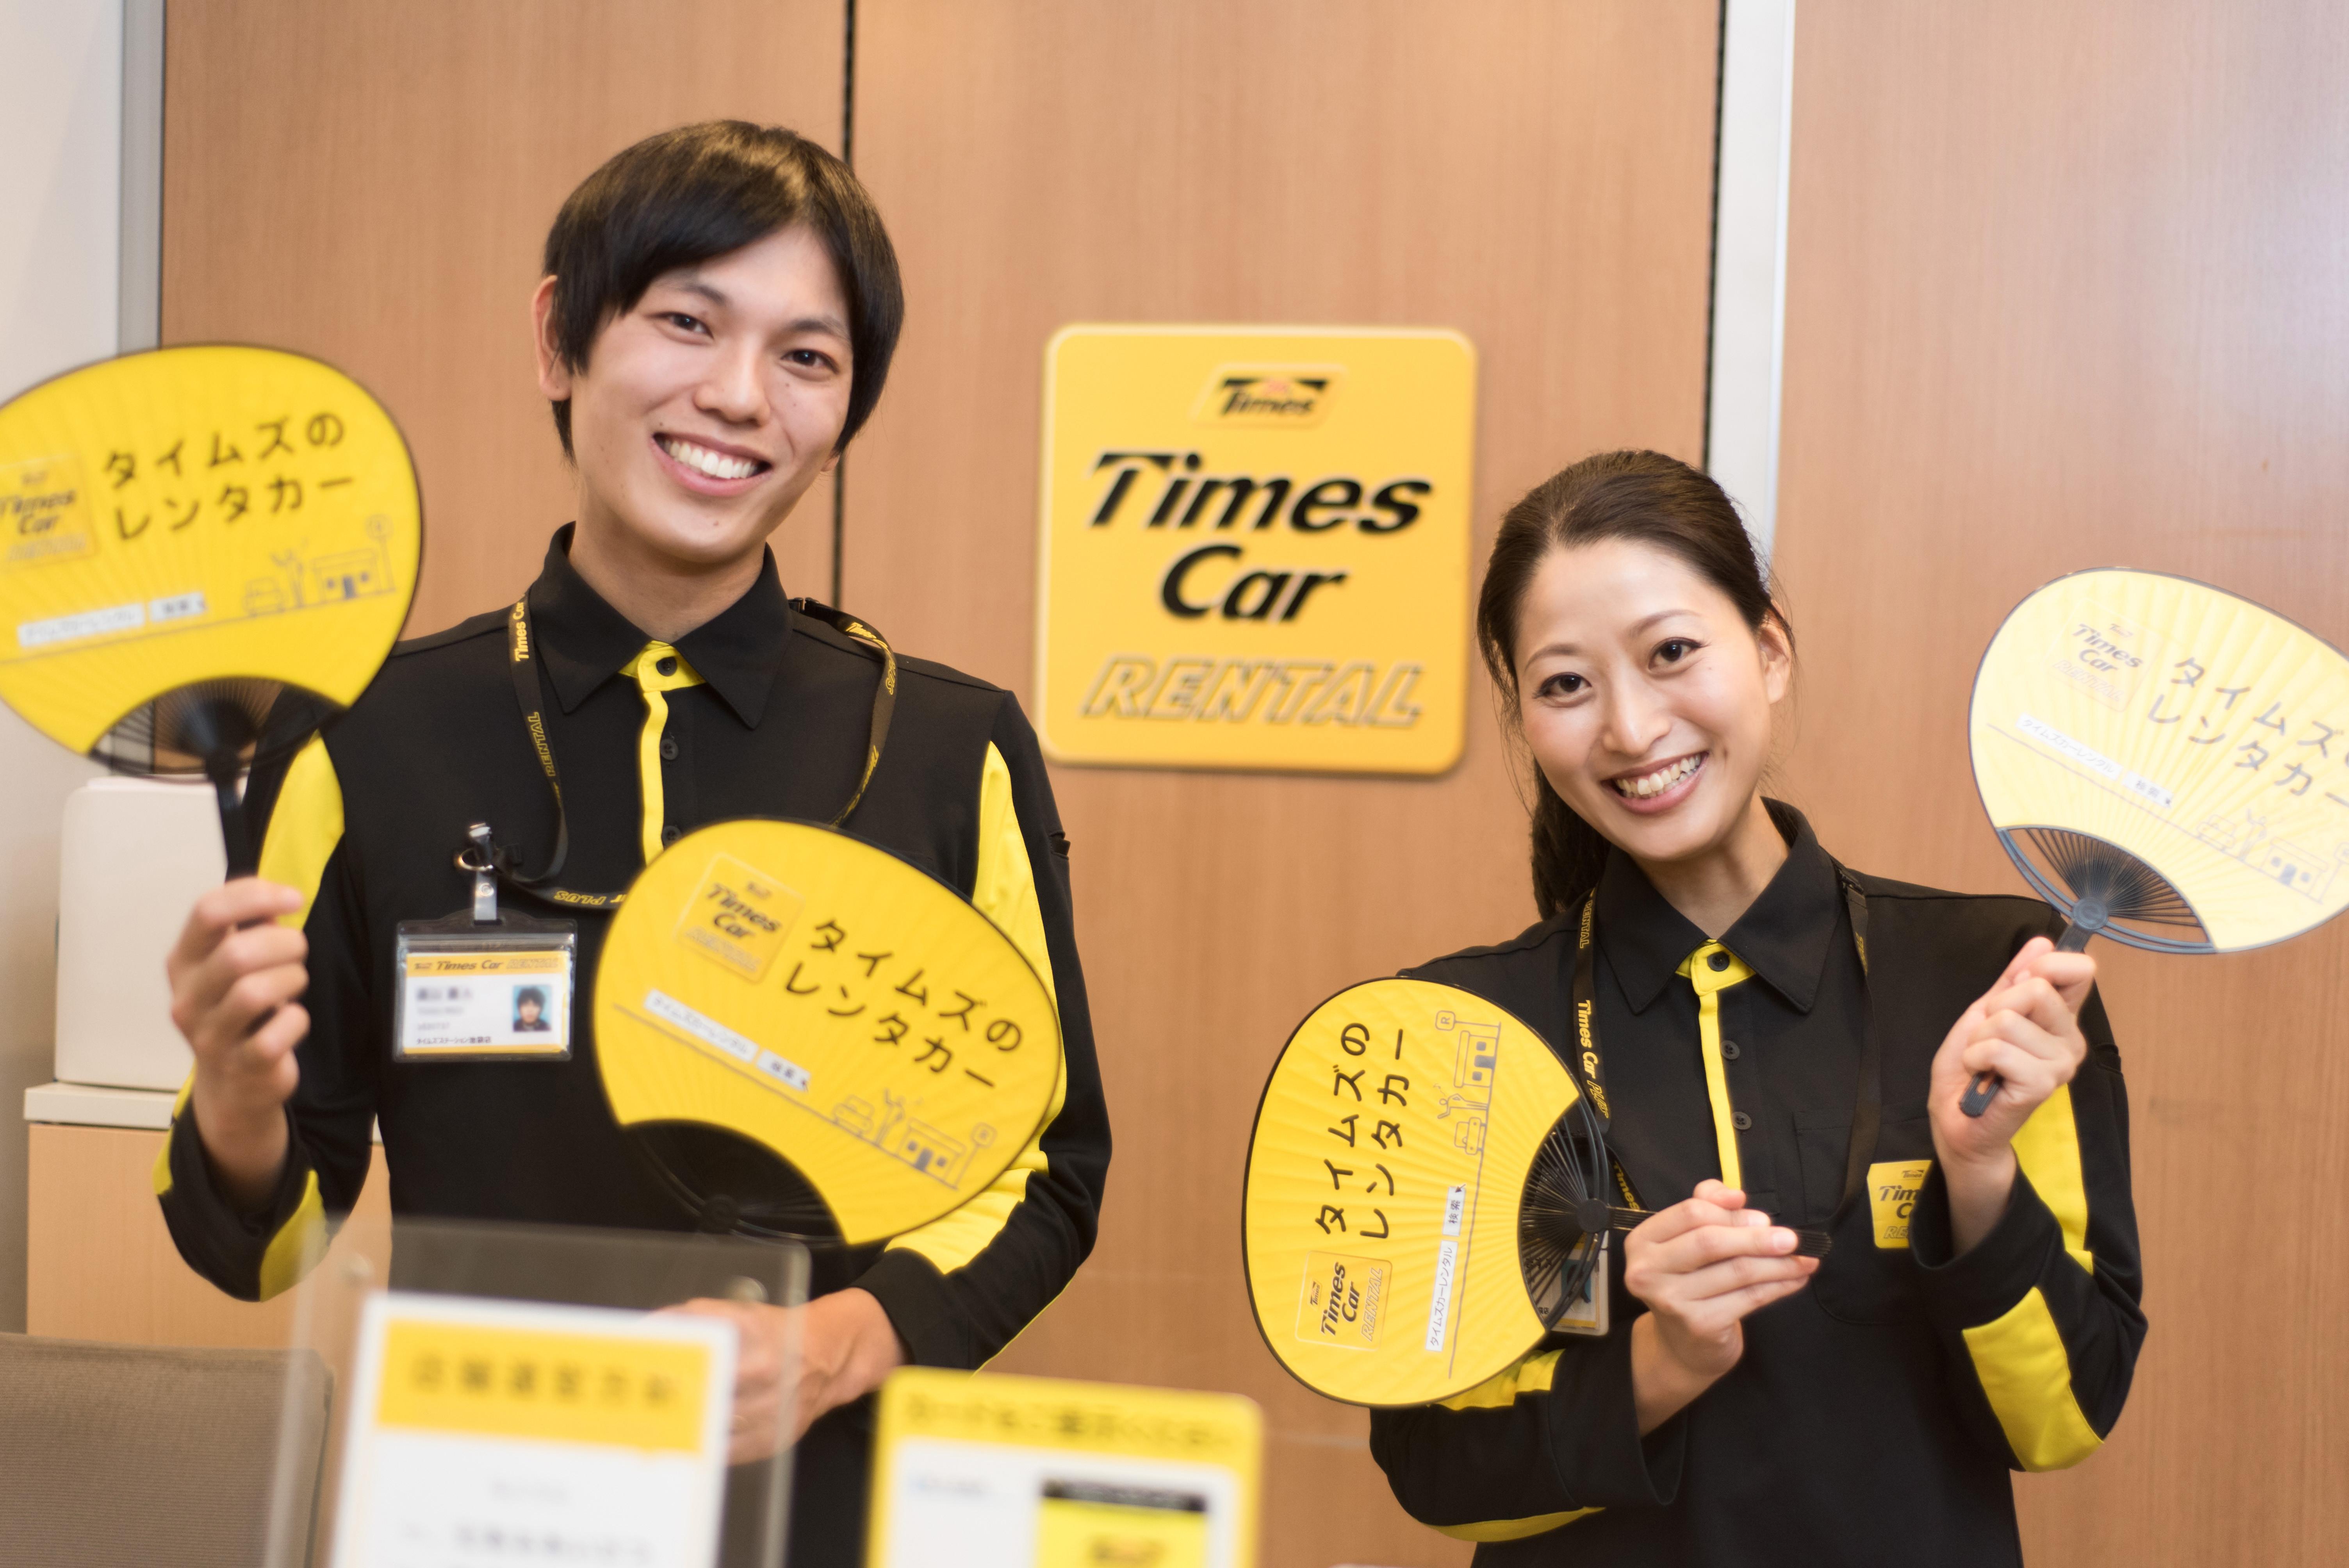 タイムズカーレンタル 博多駅前店 のアルバイト情報